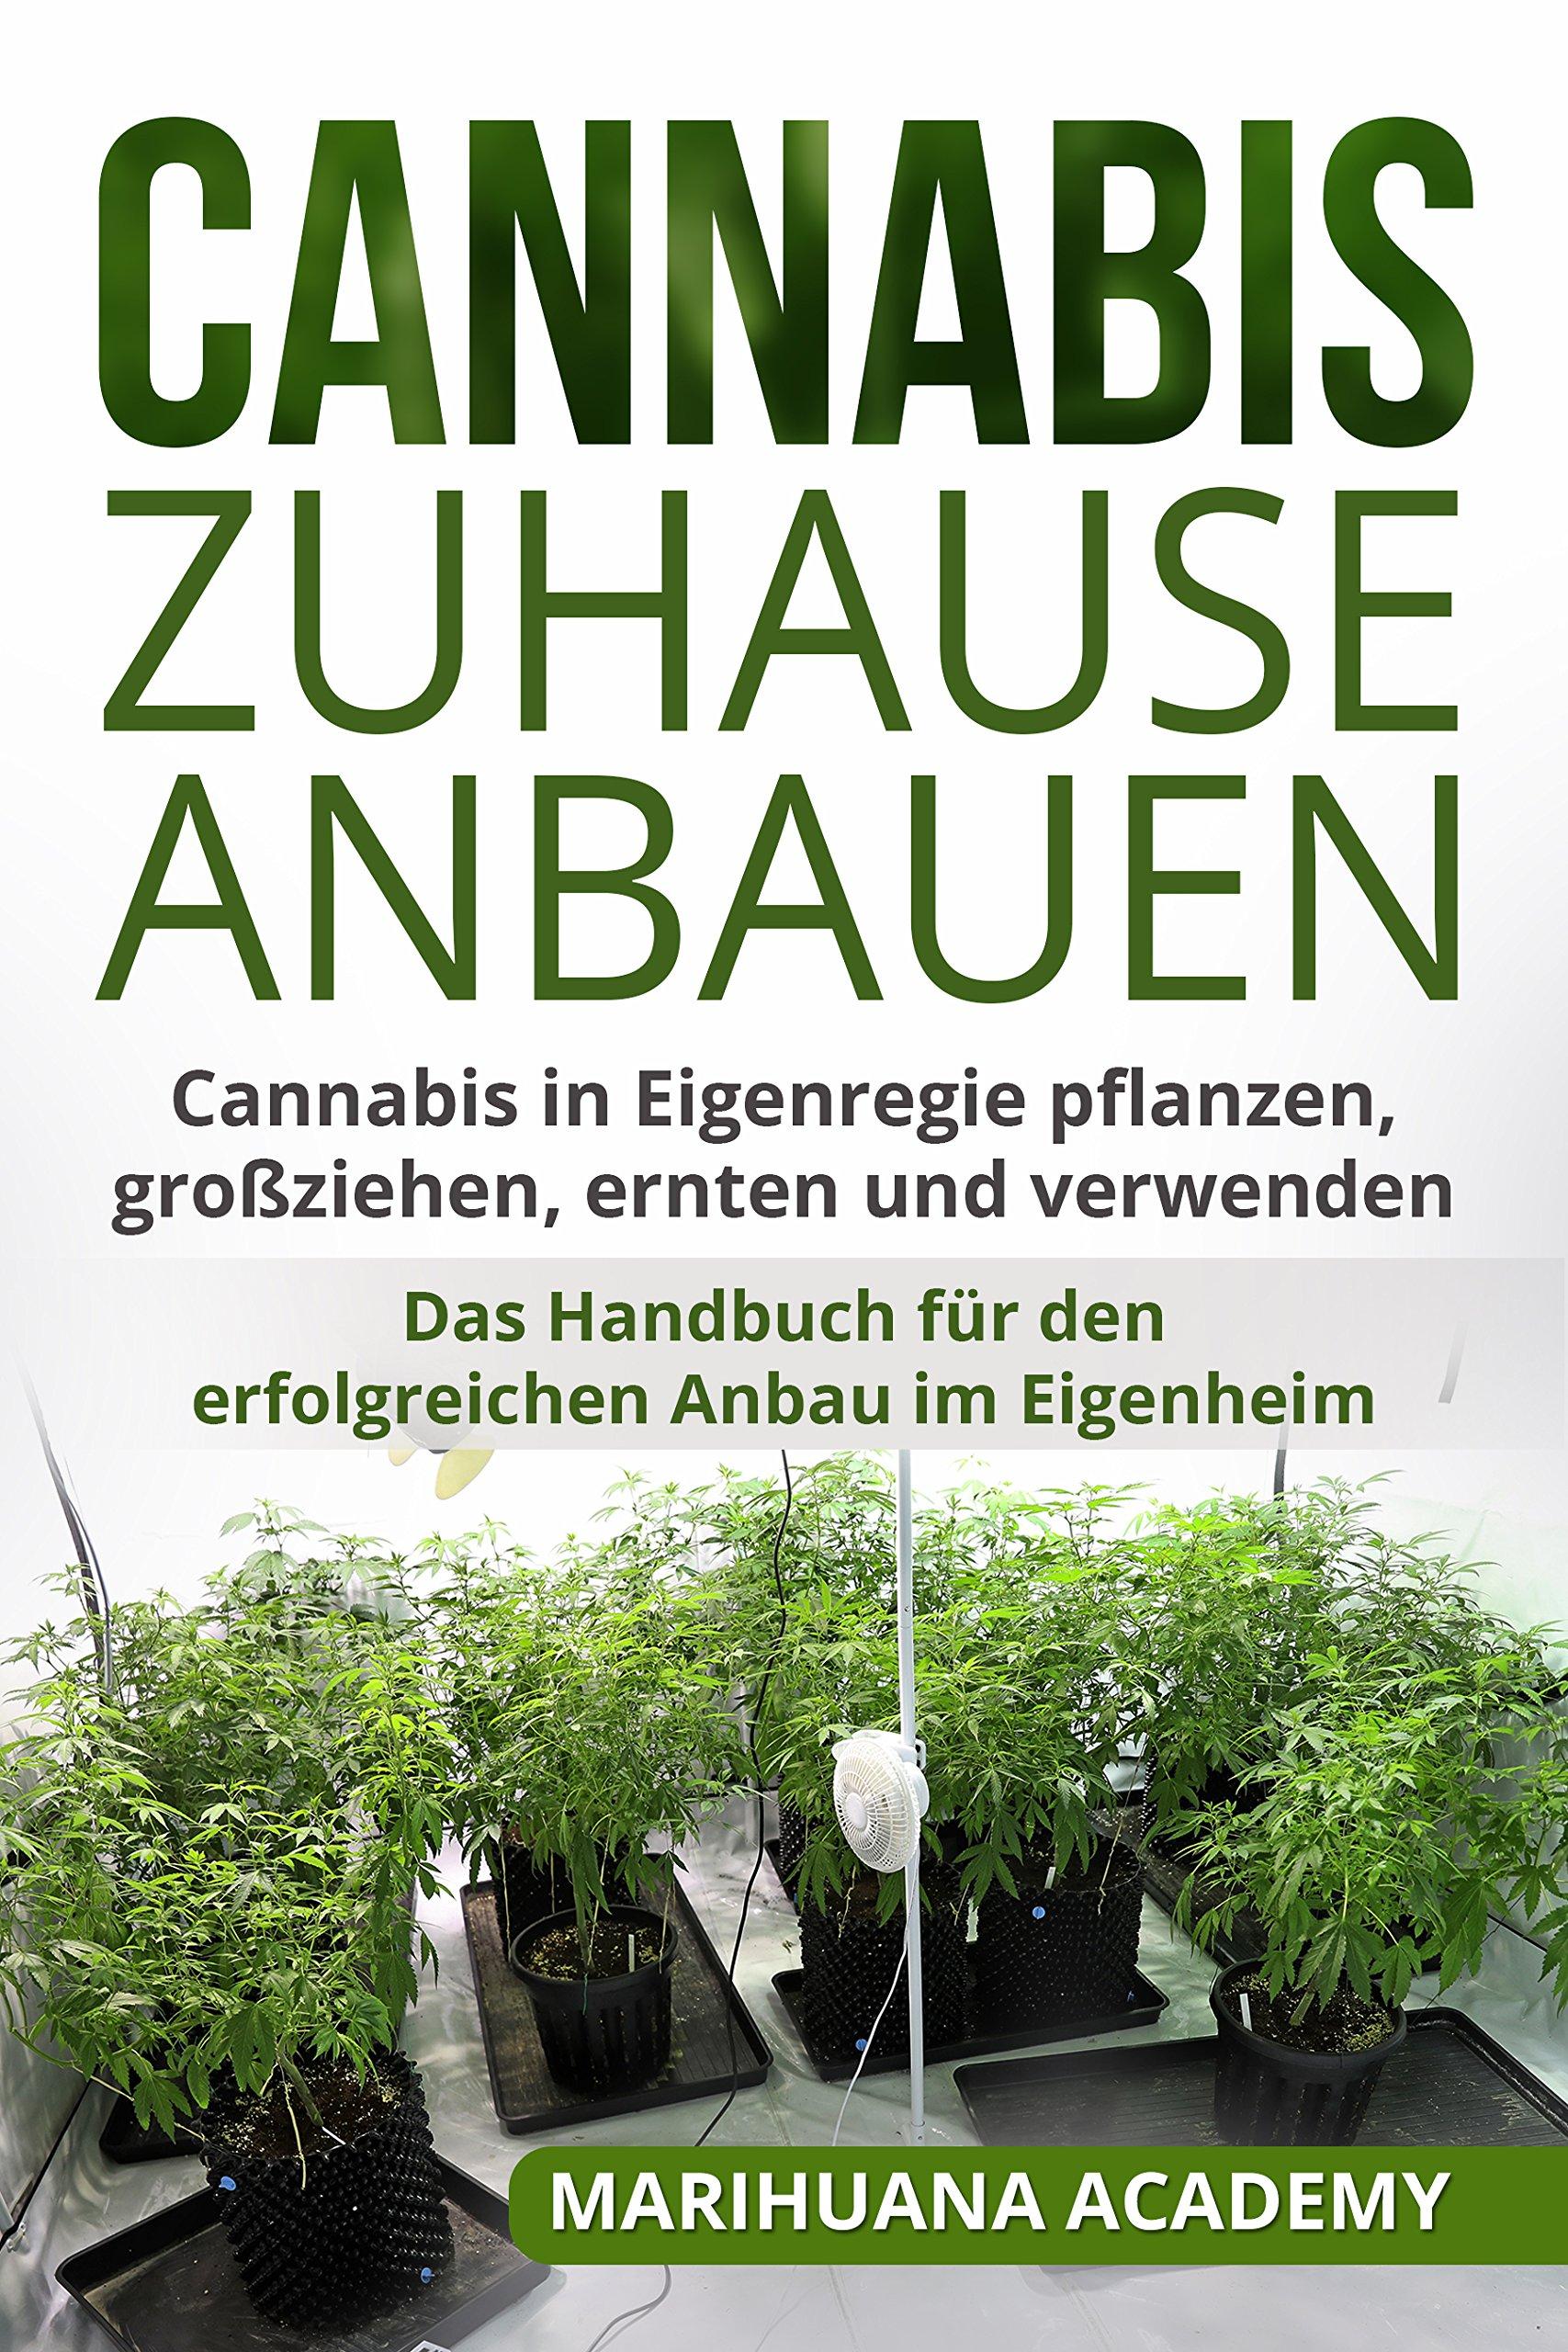 Cannabis Zuhause Anbauen  Cannabis In Eigenregie Pflanzen Großziehen Ernten Und Verwenden. Das Handbuch Für Den Erfolgreichen Anbau Im Eigenheim.